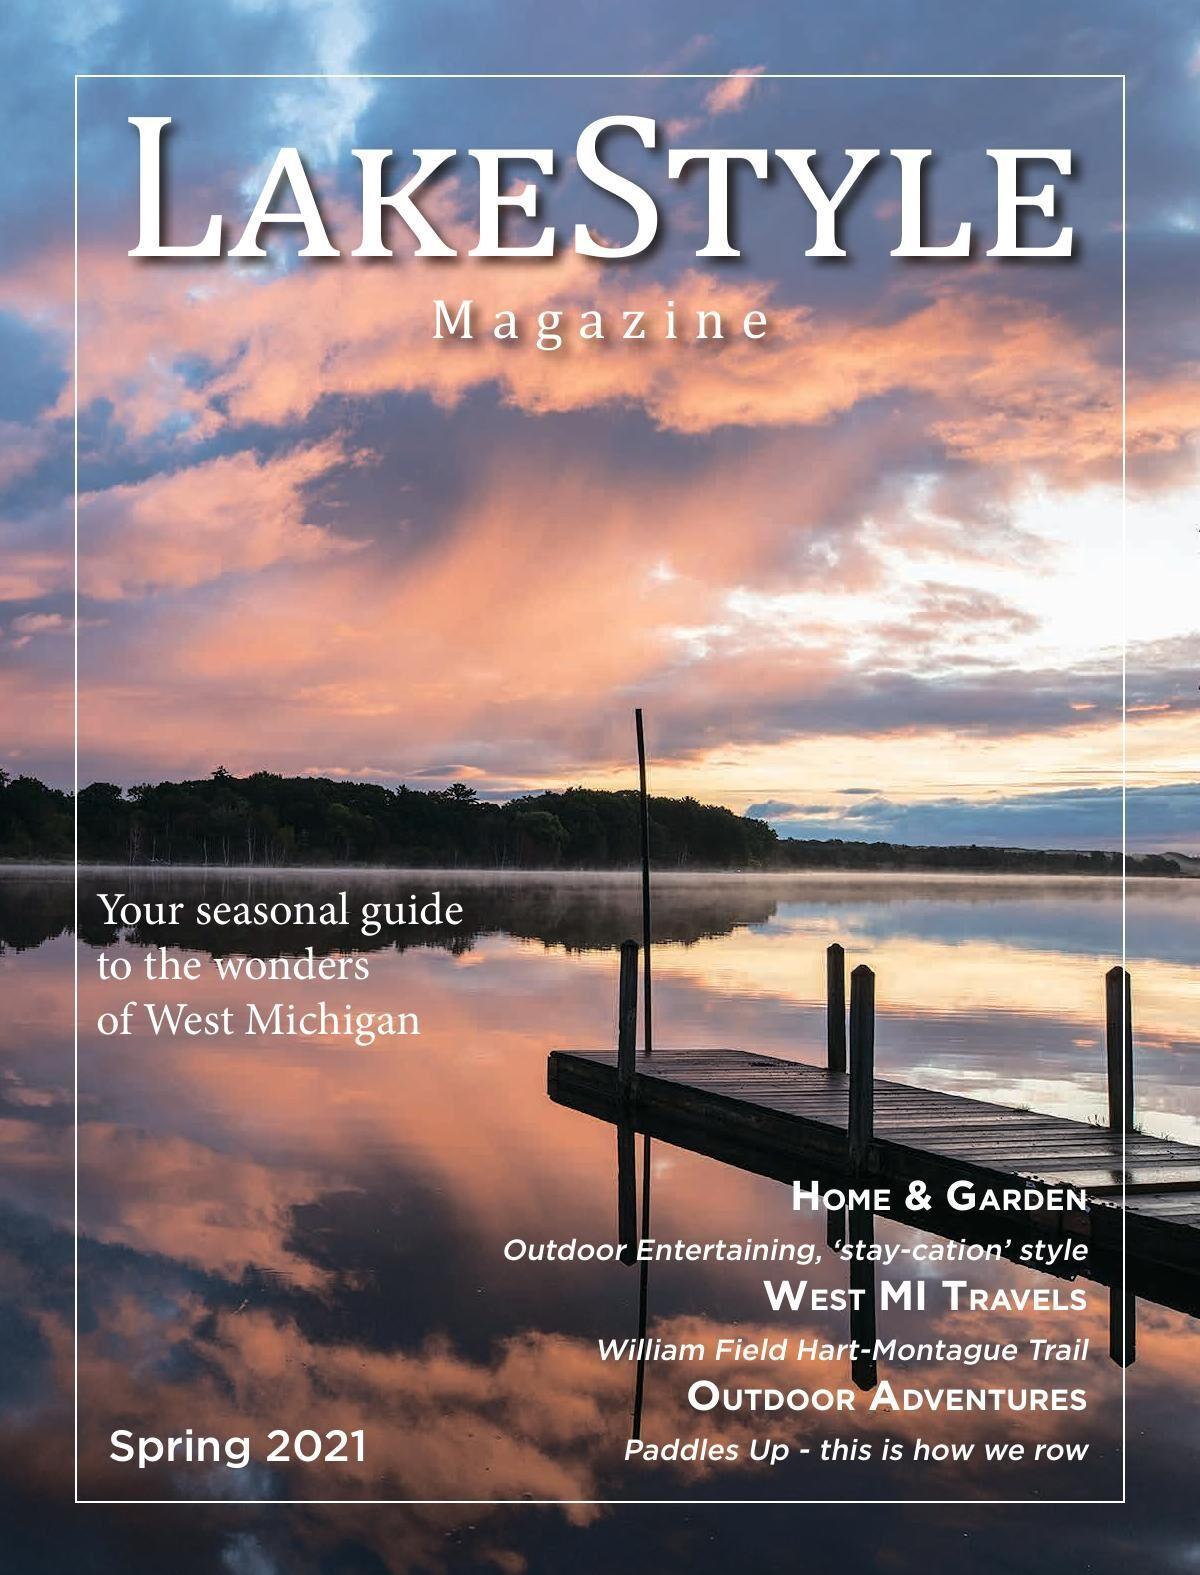 LakeStyle Magazine - Spring